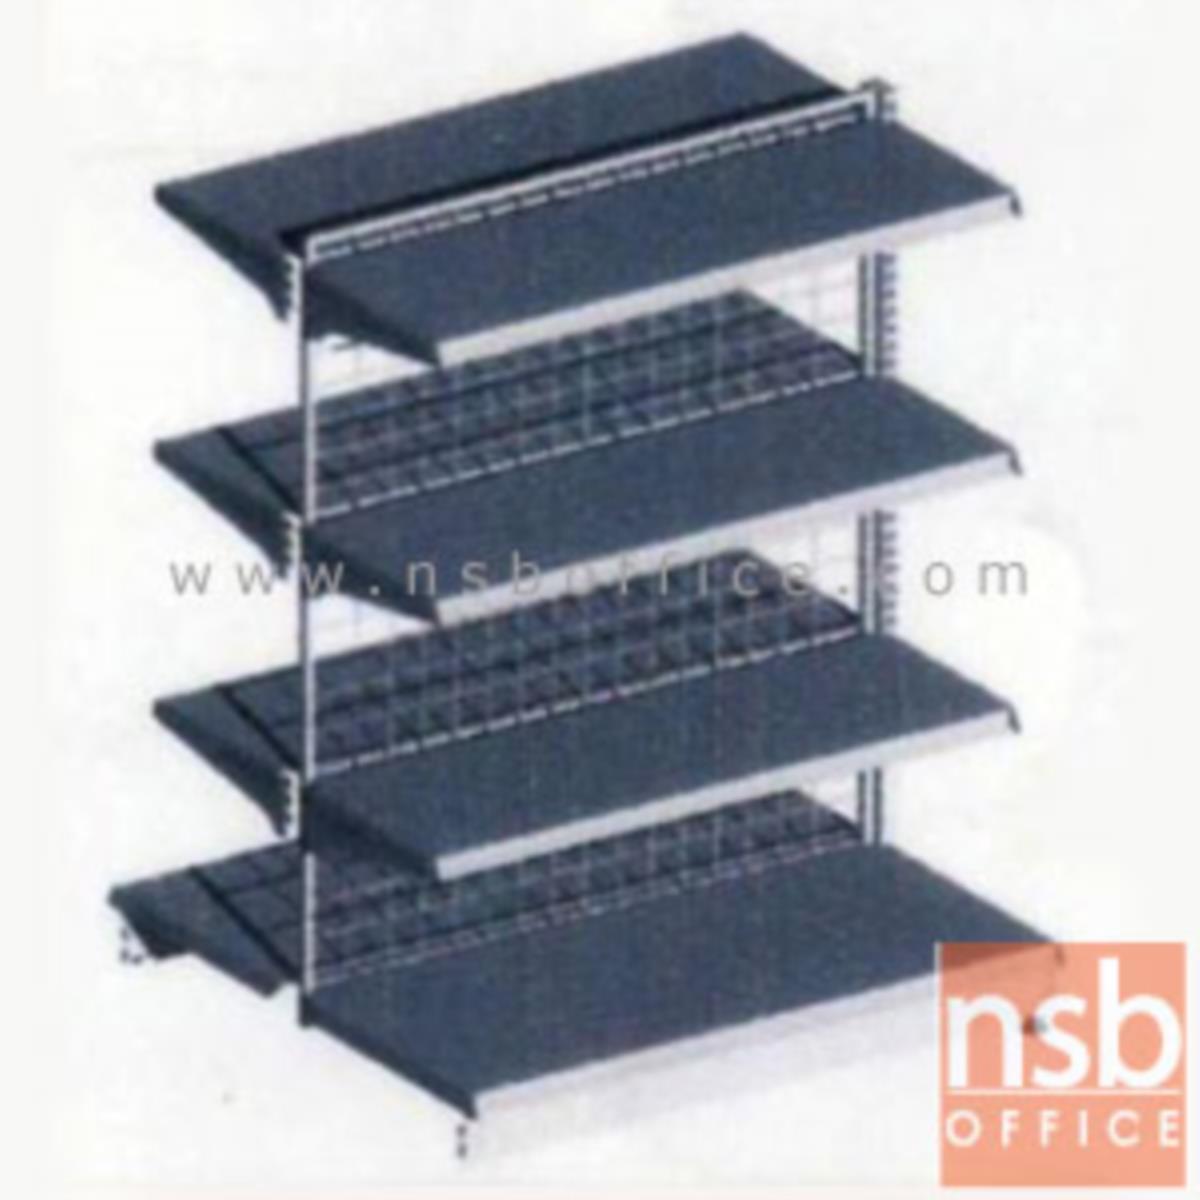 ชั้นเหล็กซุปเปอร์มาร์เก็ต สูง 120 cm. หนา 0.5 mm. 2 หน้า 4+4 แผ่นชั้น  รุ่น CK-F1 แบบตัวตั้งและตัวต่อ